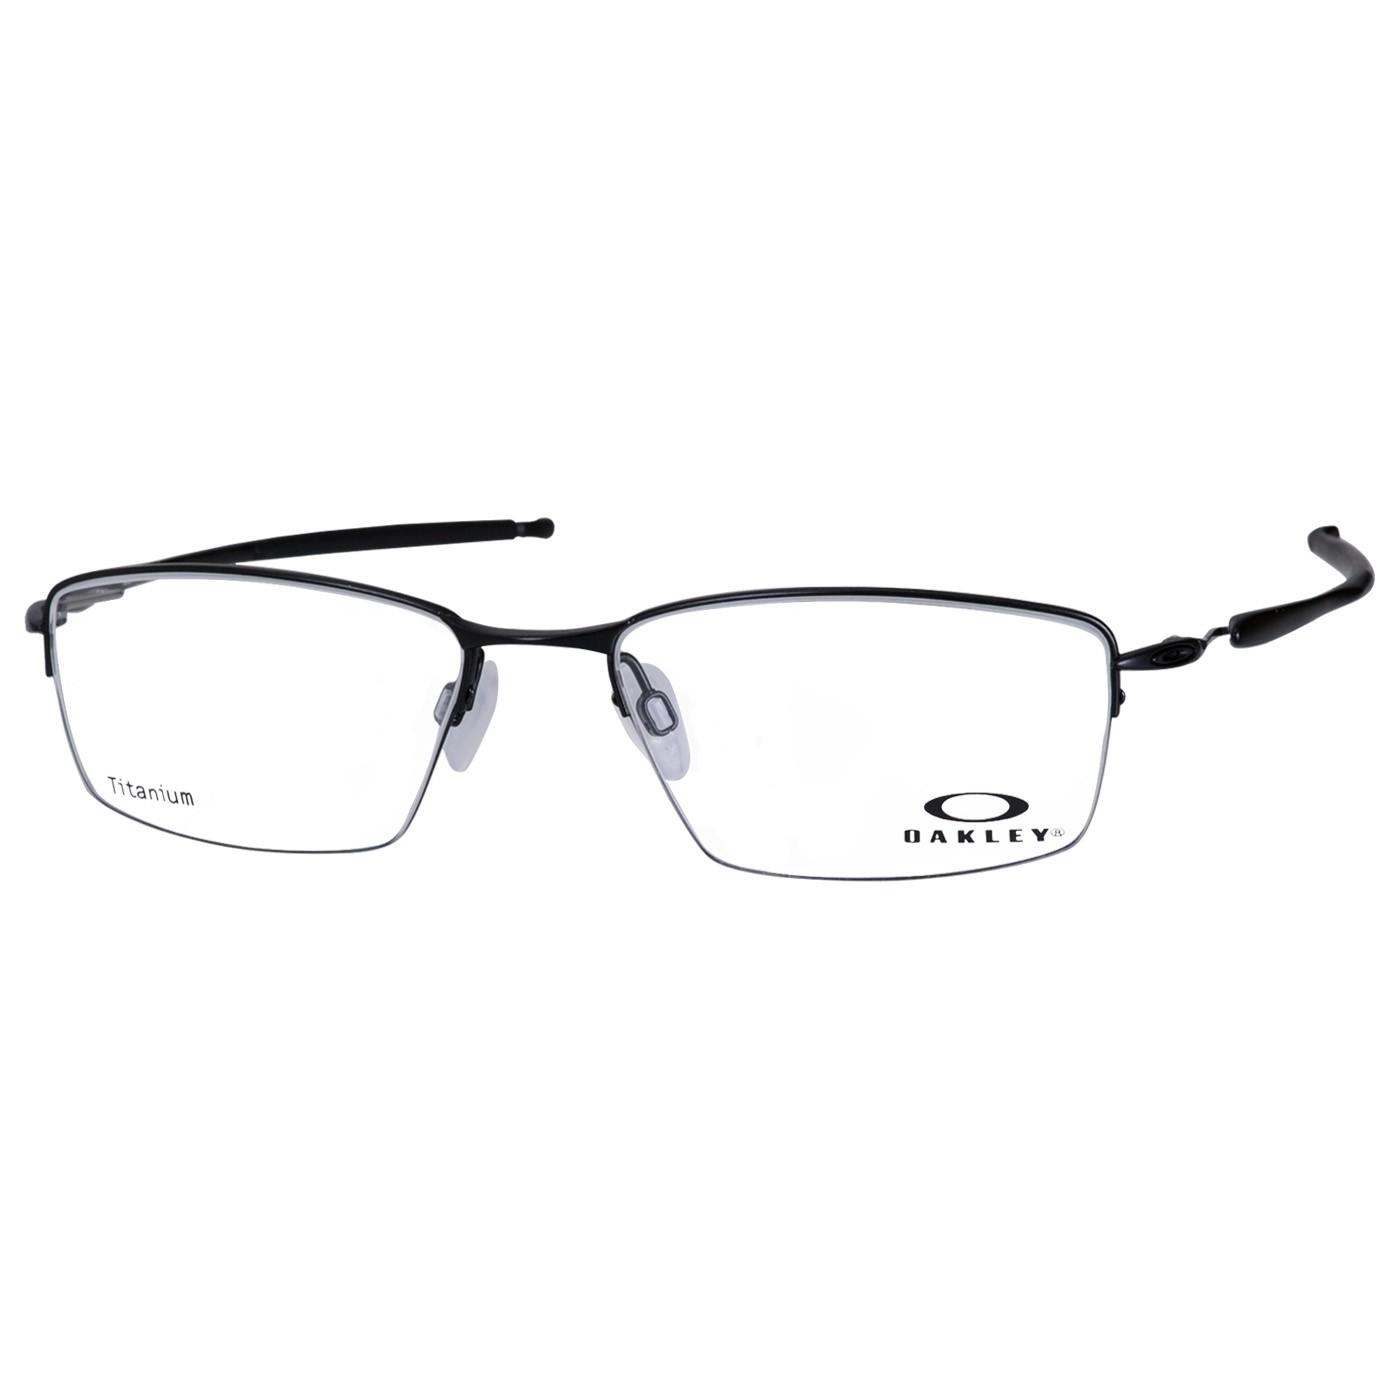 Armação de Óculos Oakley Lizard OX5113 Titanium Preto Fosco